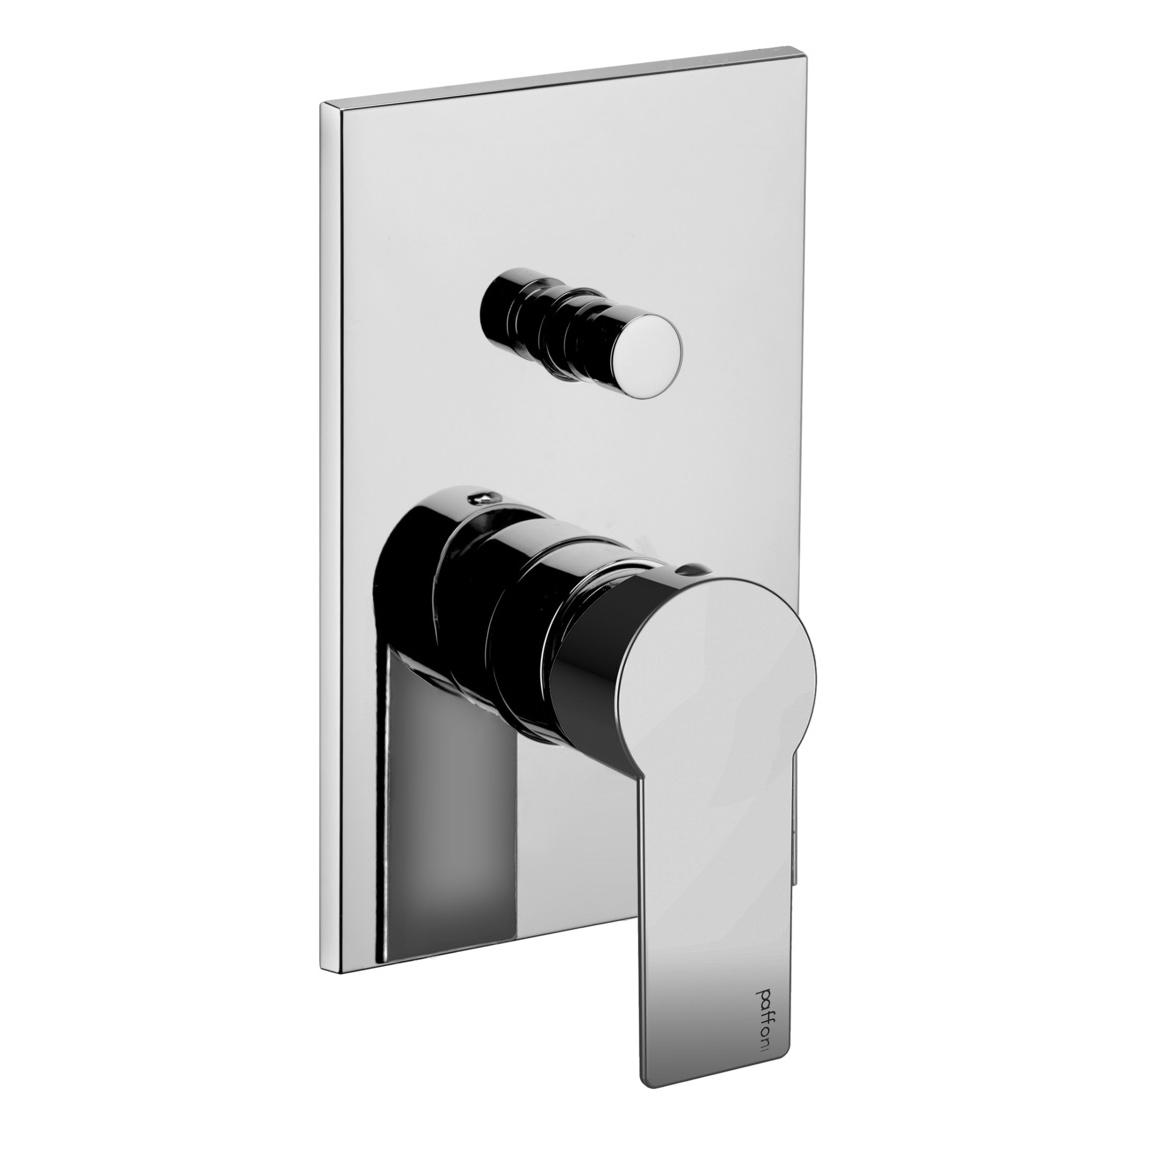 Змішувач для ванни / душа Paffoni Tango, на металевій пластині TA015CR / M